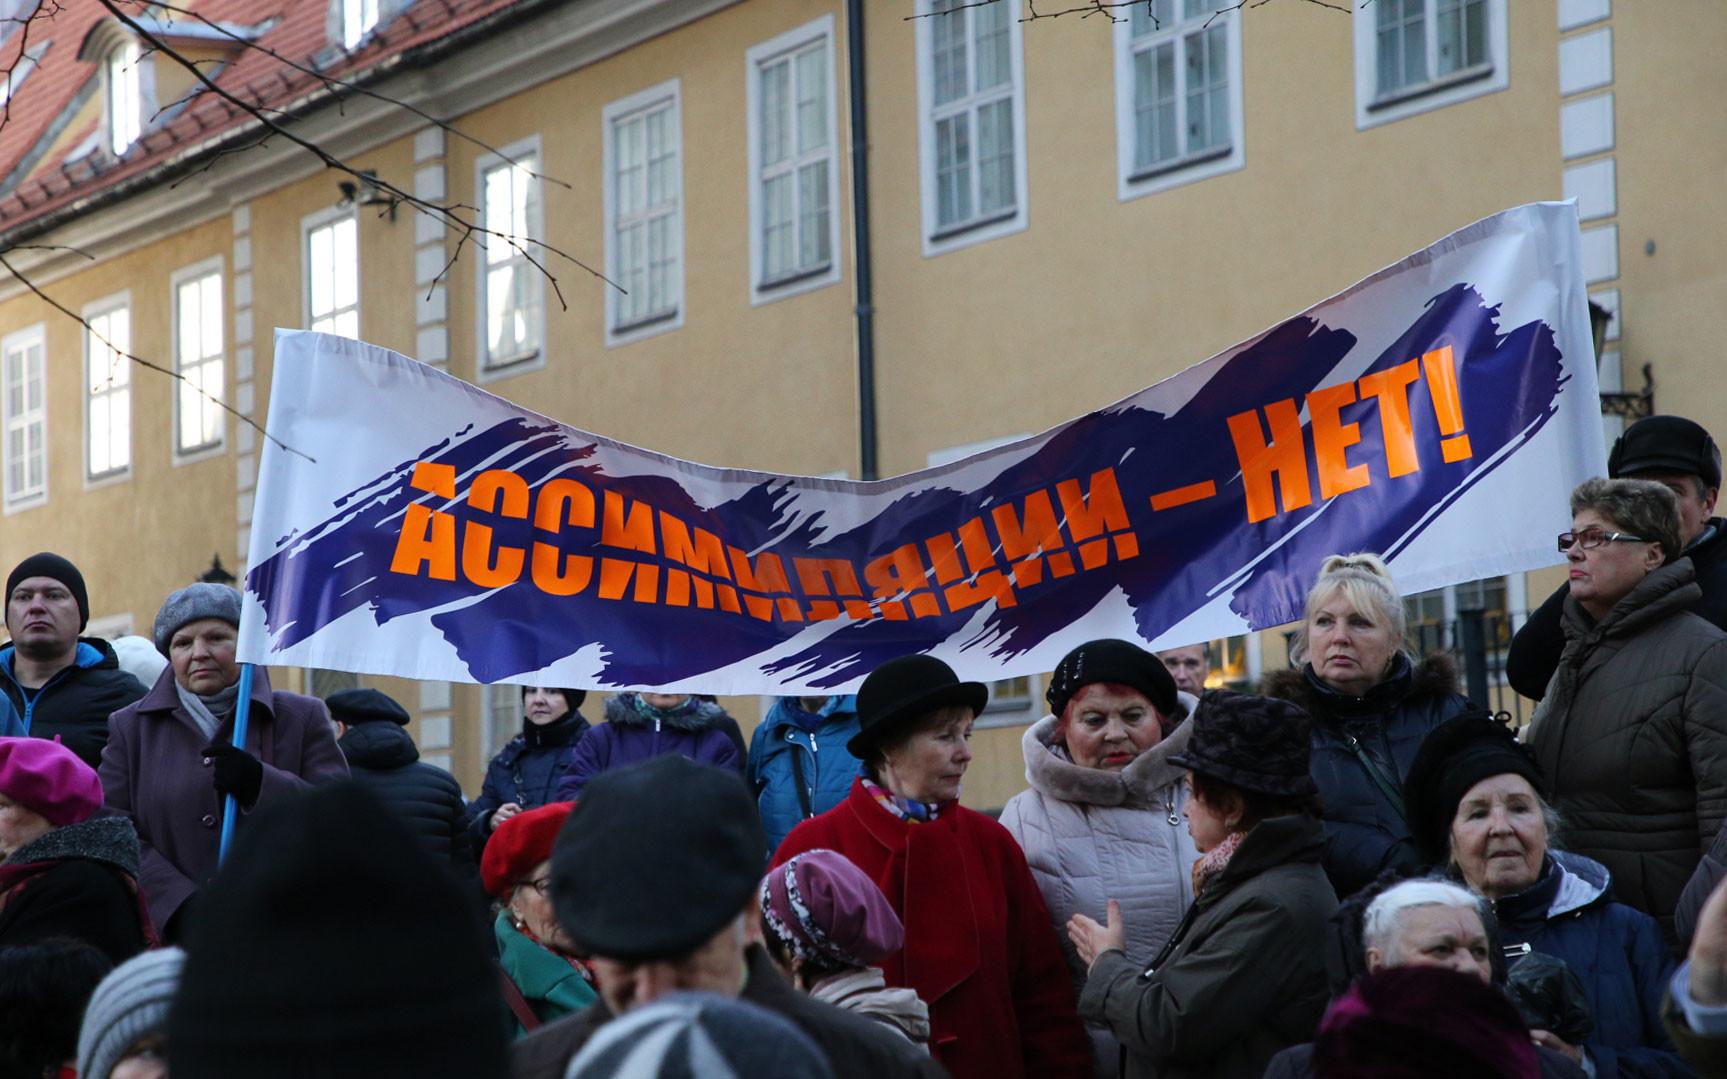 Участники шествия в Риге, которое проходит в знак протеста против перевода школ национальных меньшинств полностью на латышский язык. Фото: © РИА Новости / Роберт Вицупс